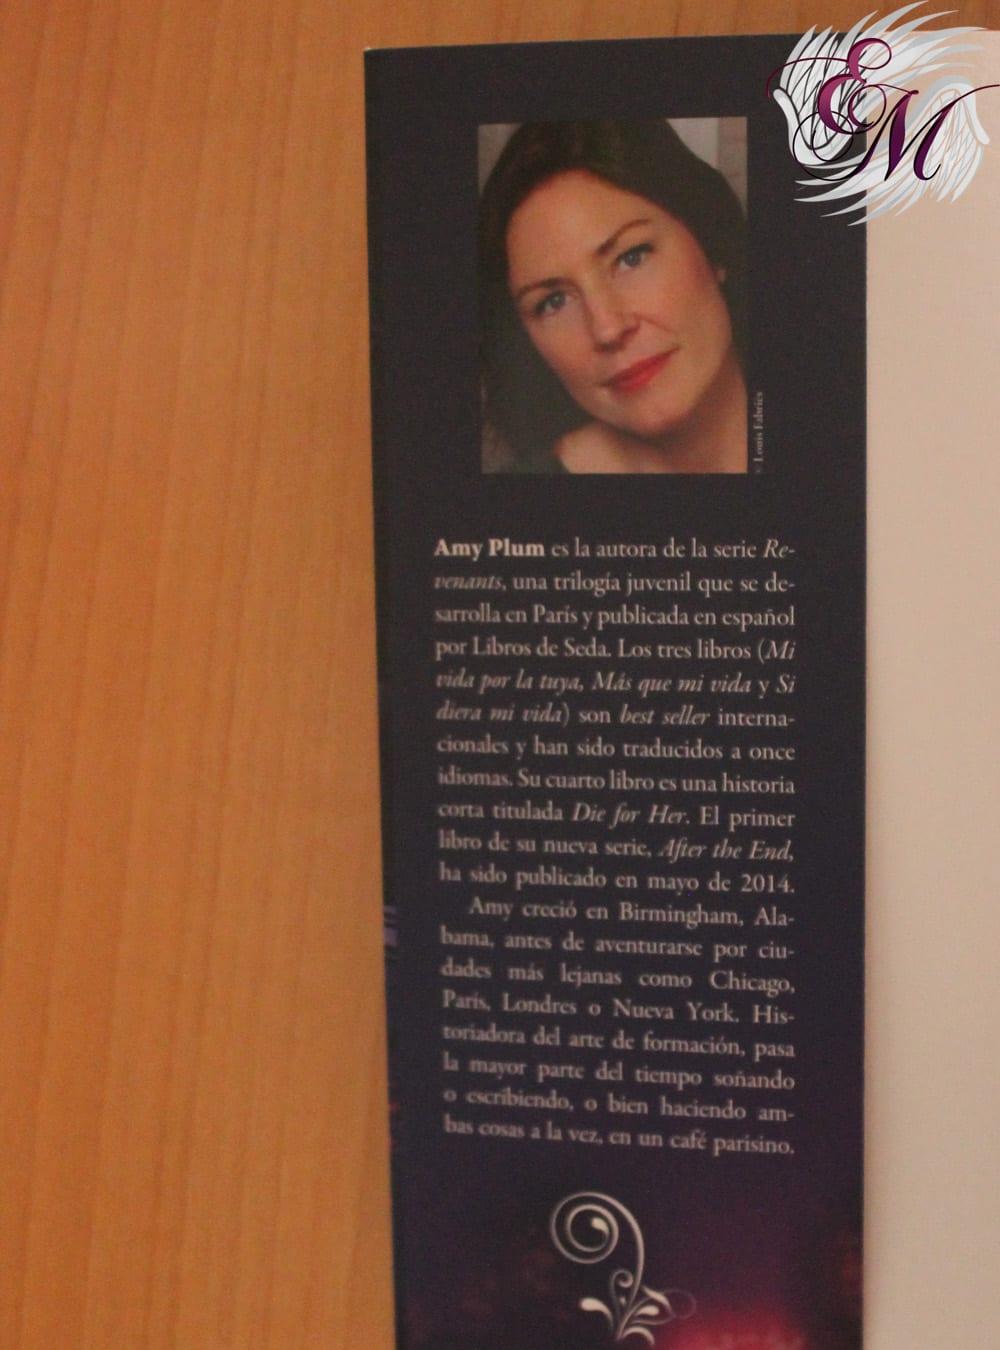 Revenants #2: Más que mi vida, de Amy Plum - Reseña